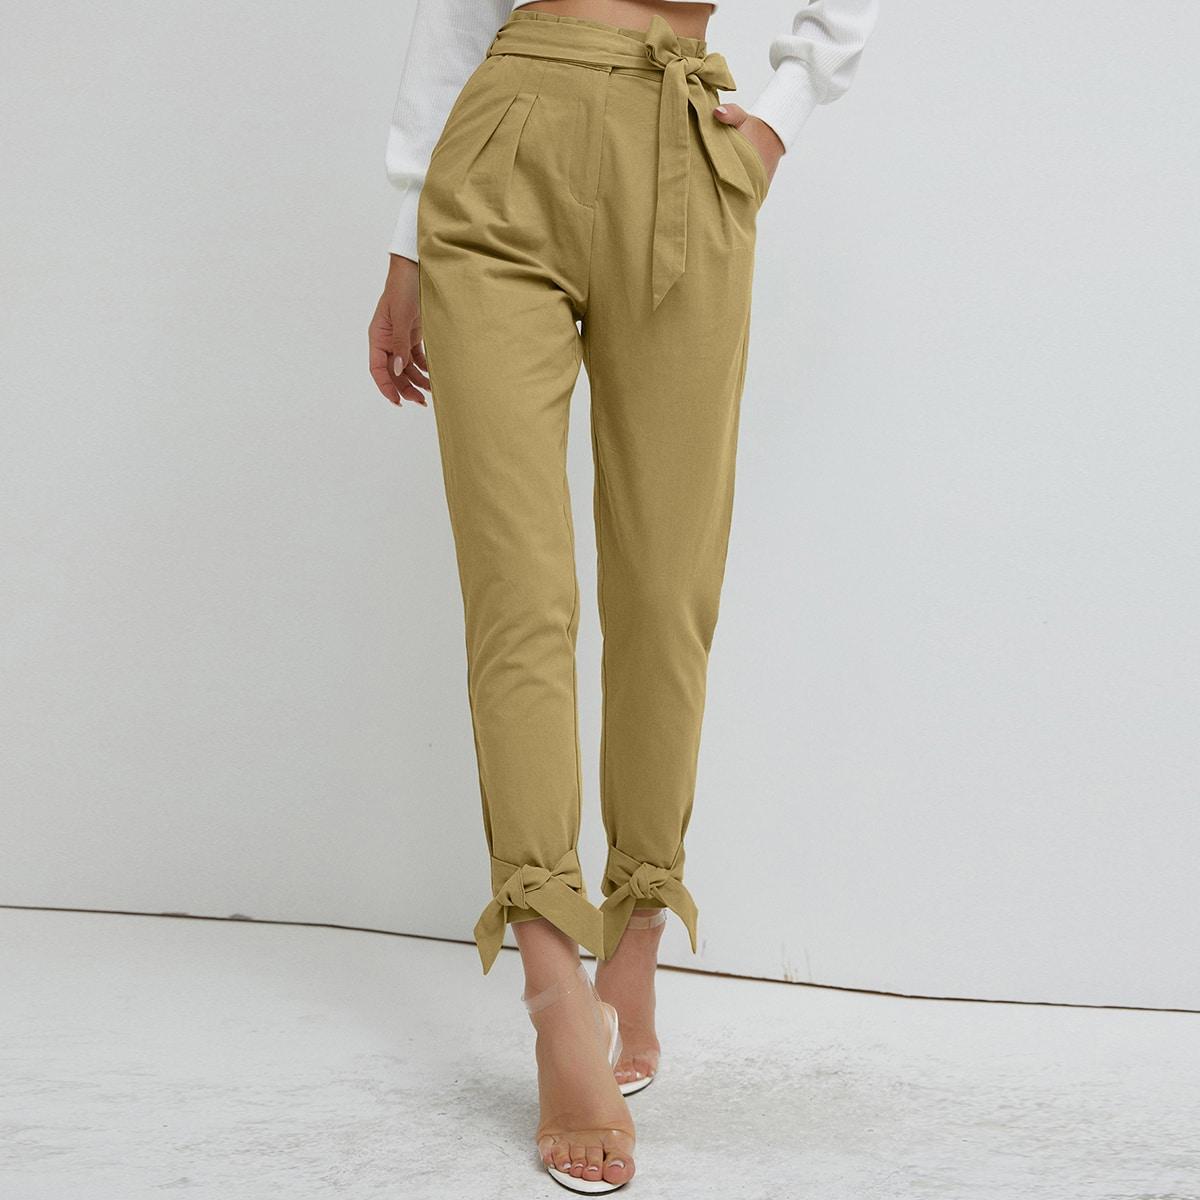 SHEIN / SBetro pantalones cortos con cinturón bajo con nudo